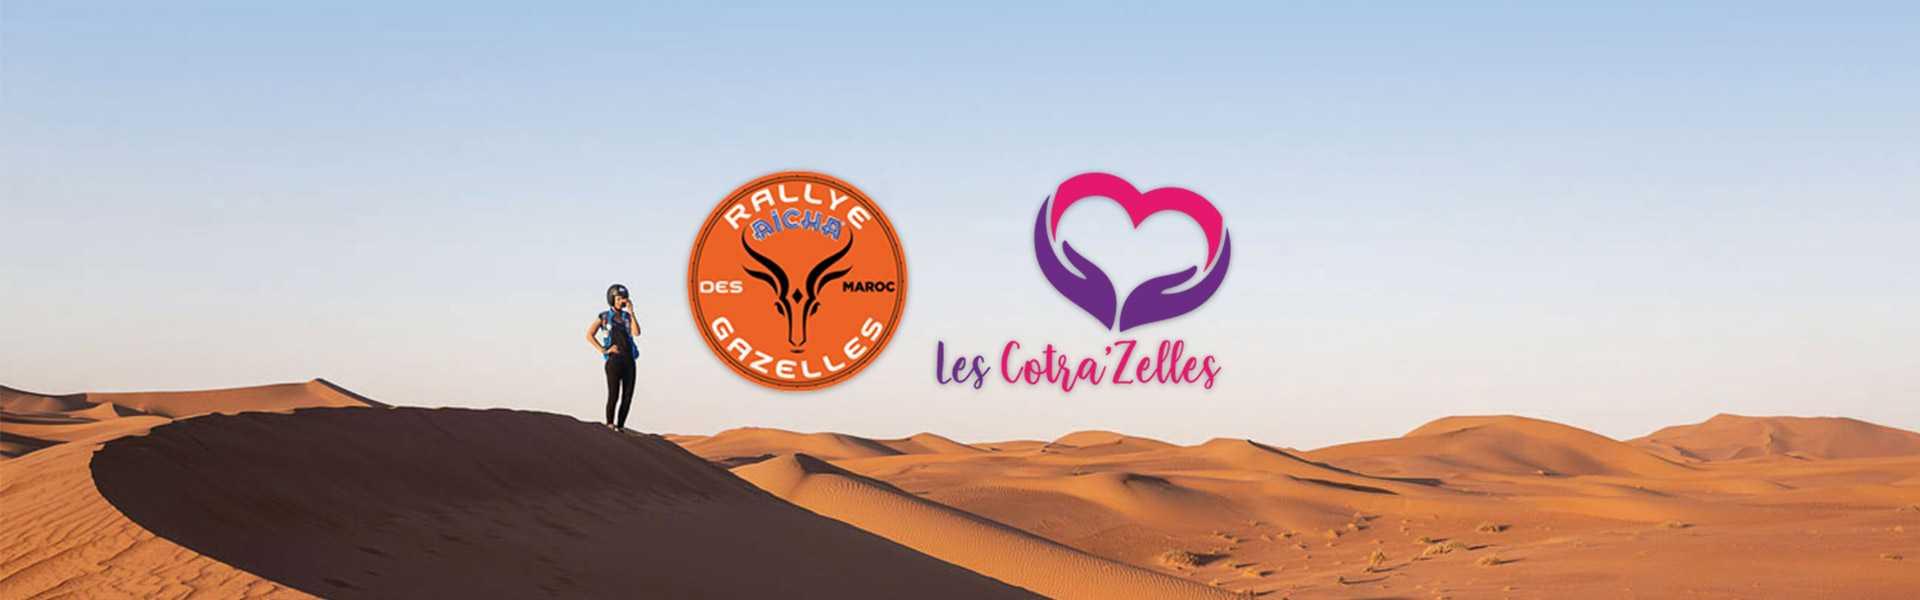 Cardy partenaire des Cotra'Zelles au Rallye Aicha des Gazelles